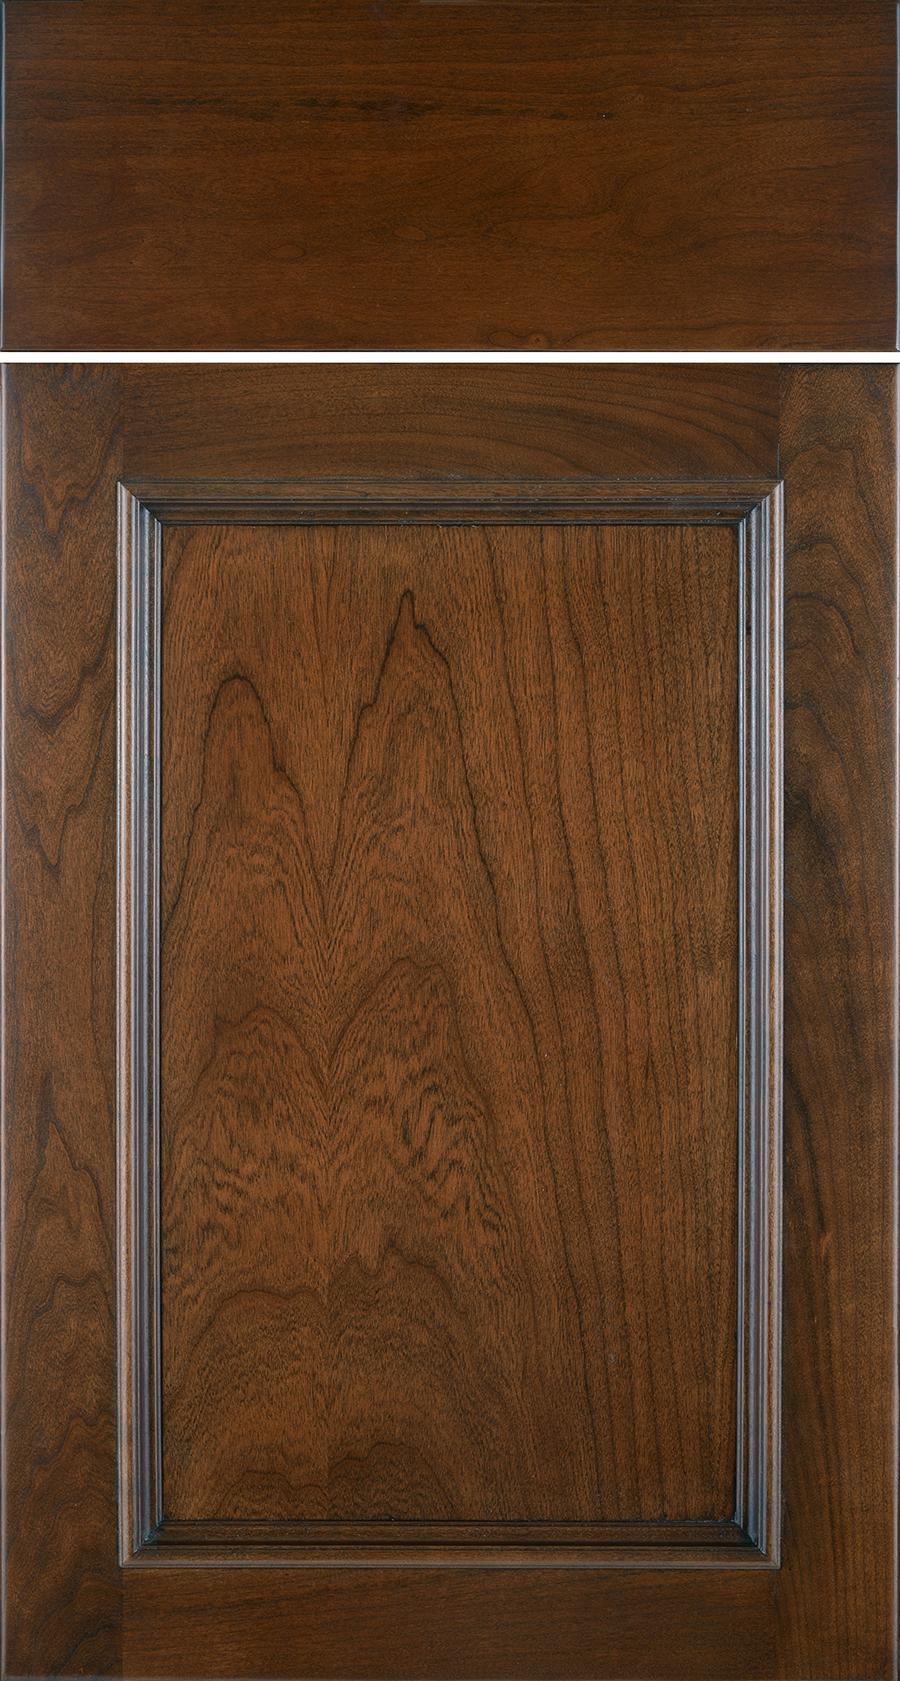 Christie, Cherry, Autumn, Brown Glaze, Slab Drawer Front